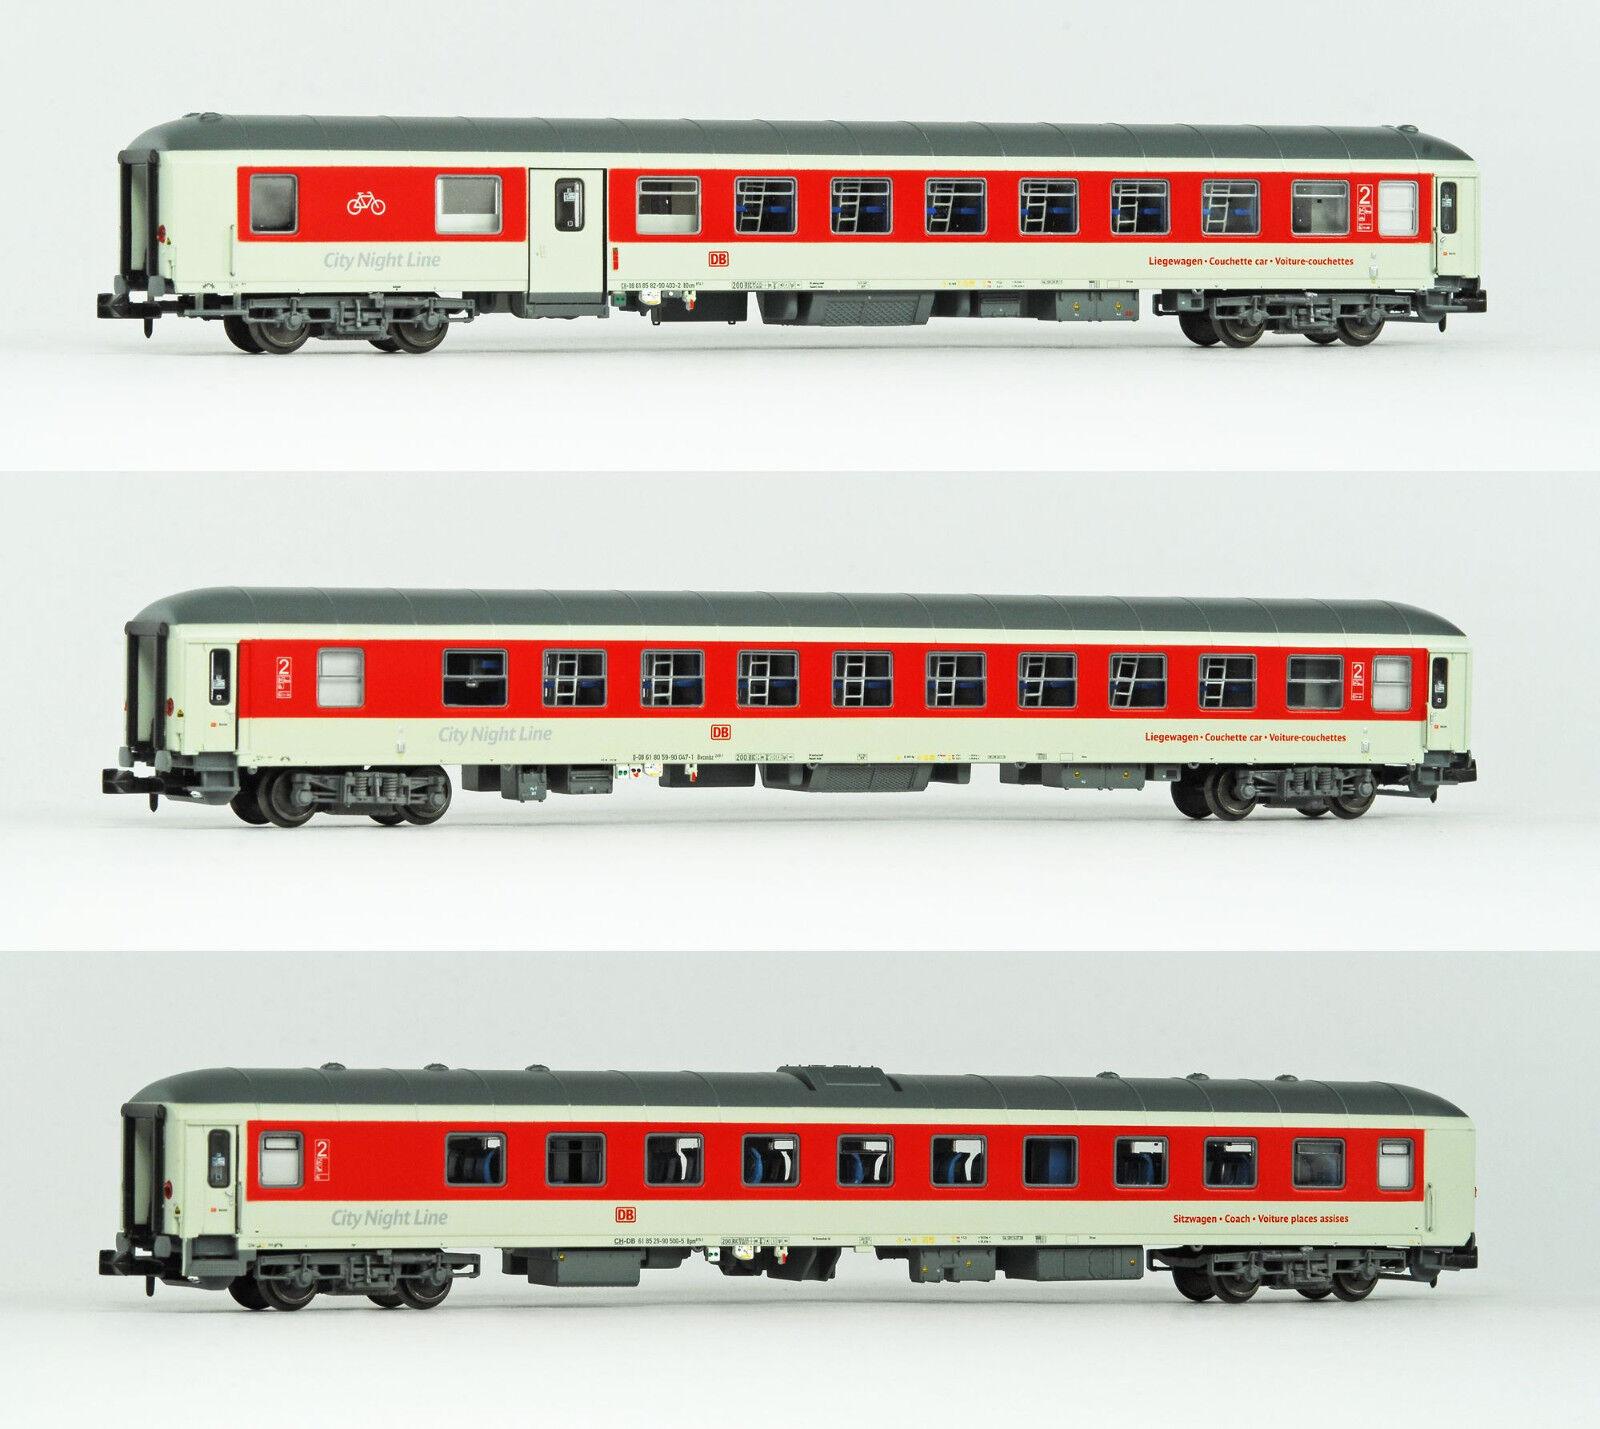 Ls Models 79053 DBAG nachtzugwagen-set 3-tlg ep.6 CNL Sirius limitado 250 unid.